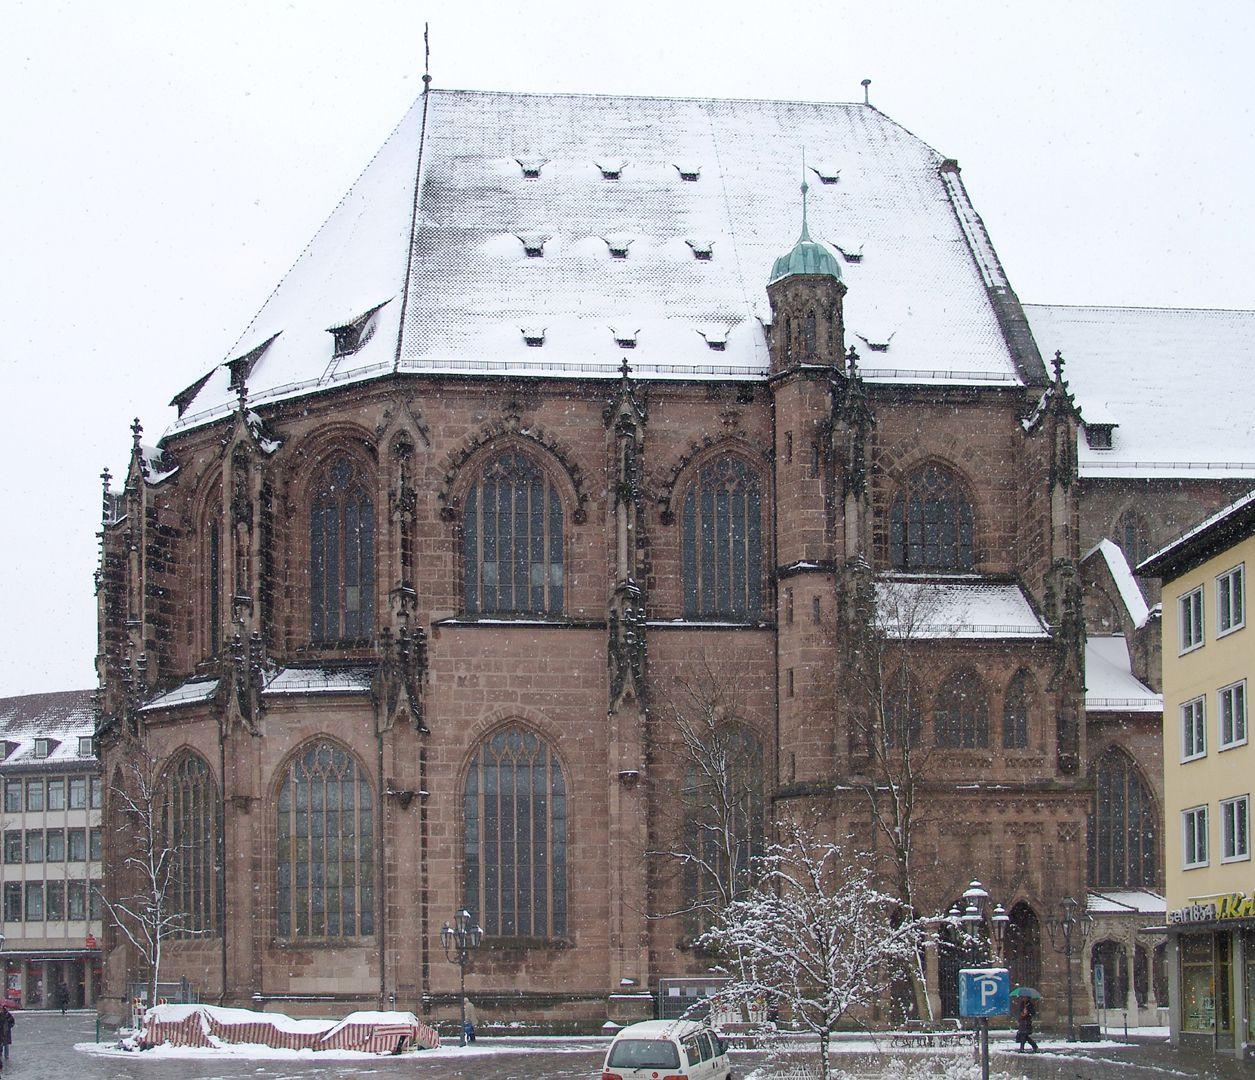 St. Lorenz, Chor Chor von N (mit den tradierten Dachgauben)